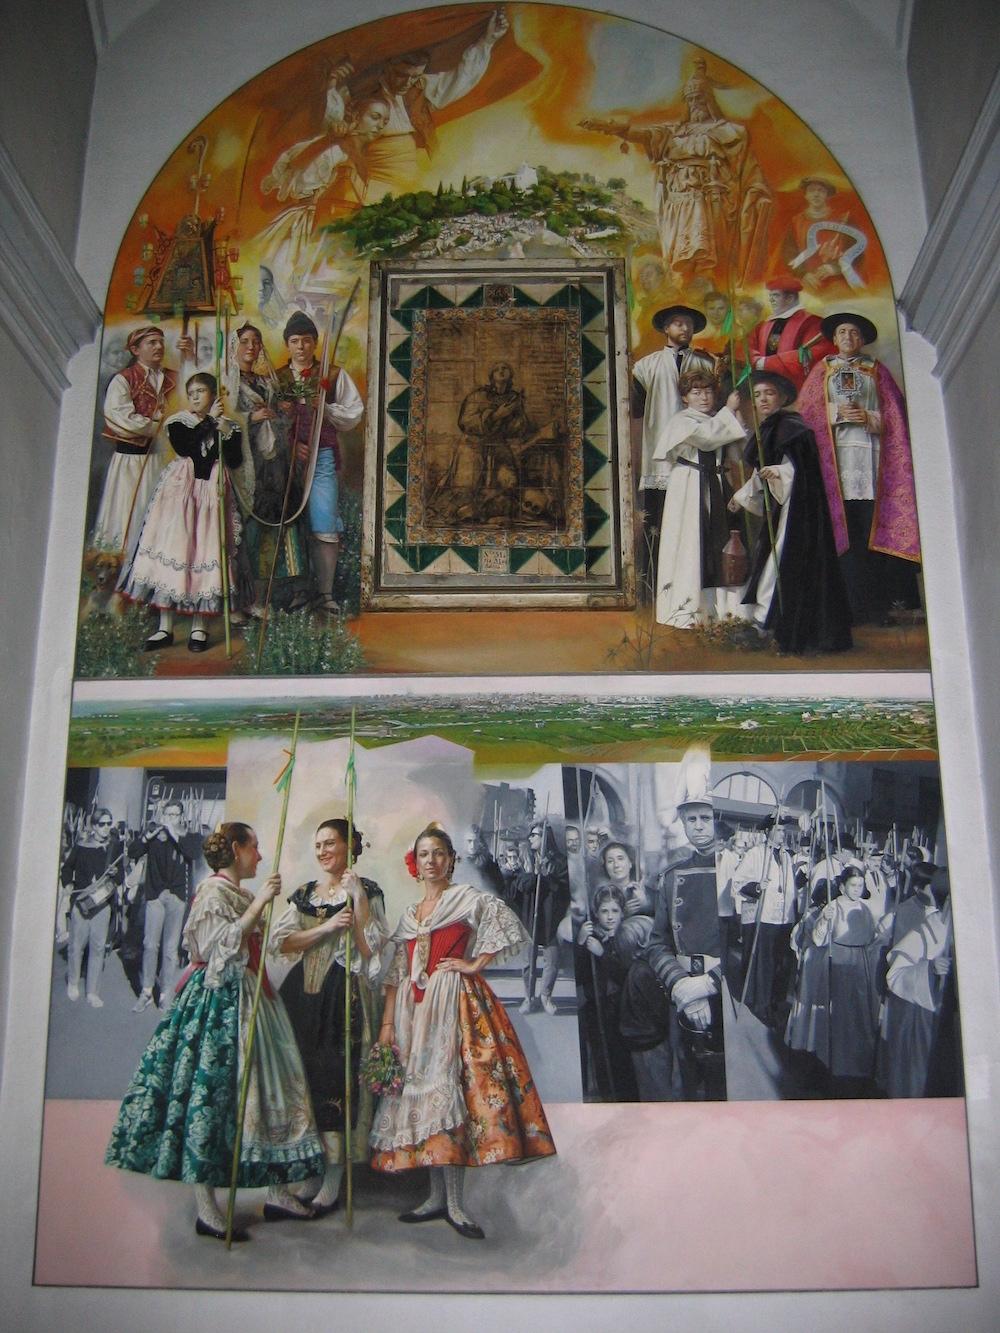 Retablo al temple sobre la Romería de Castellón, para la Basílica del Lledó de Castellón, enmarcando el cuadro Santa María Magdalena de Porcar.